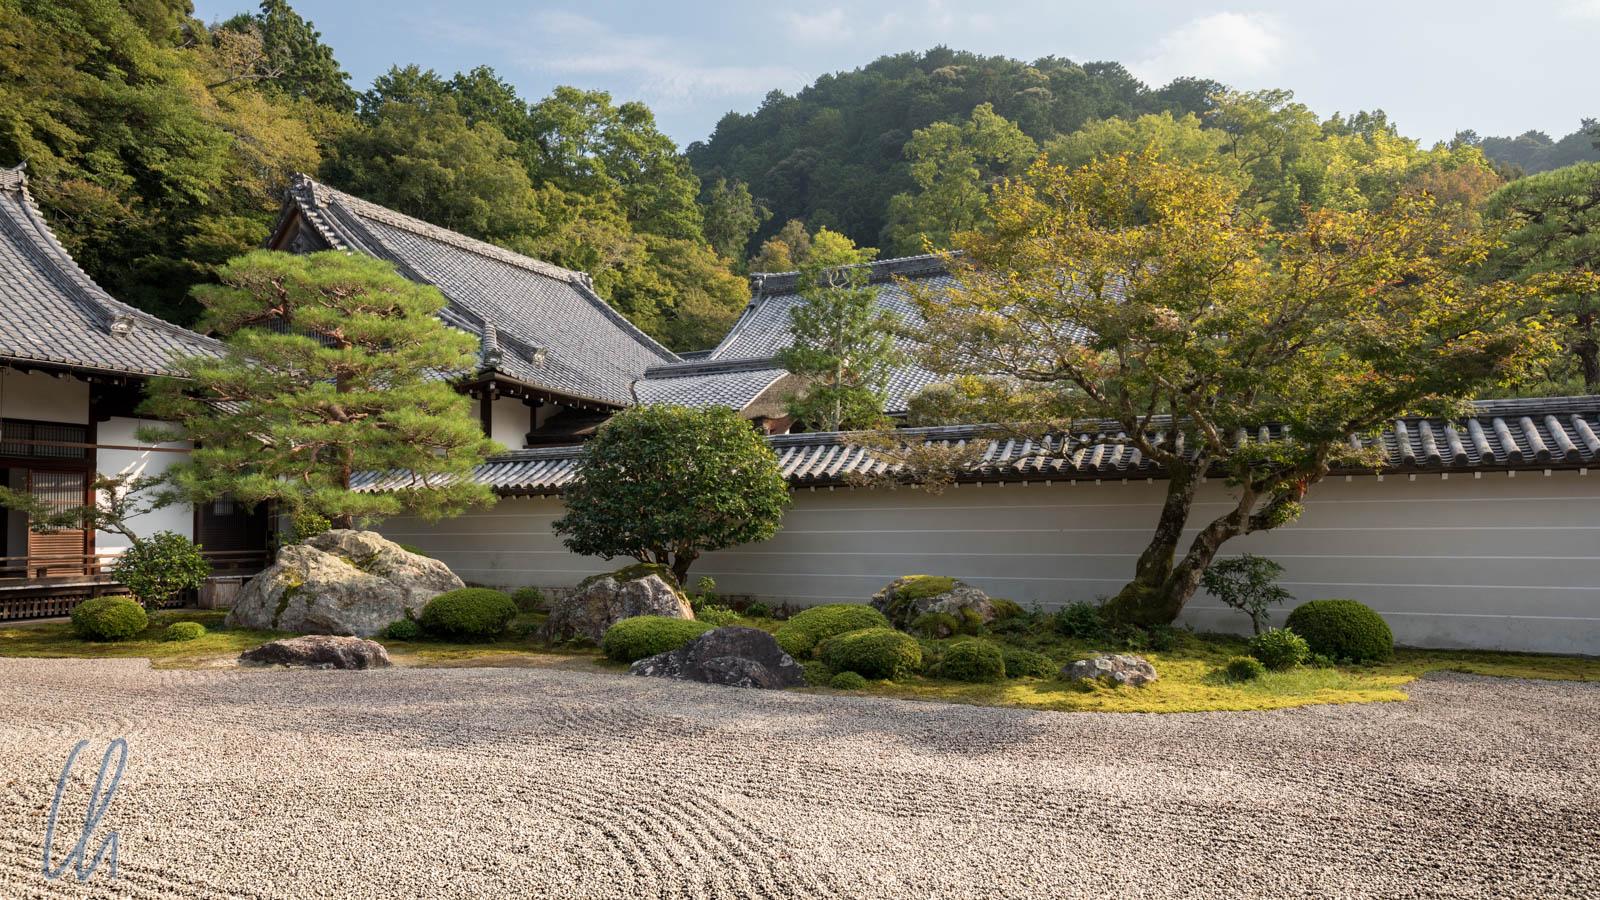 Kyoto Die Grosse Kultur Mit Tempeln Schreinen Und Garten